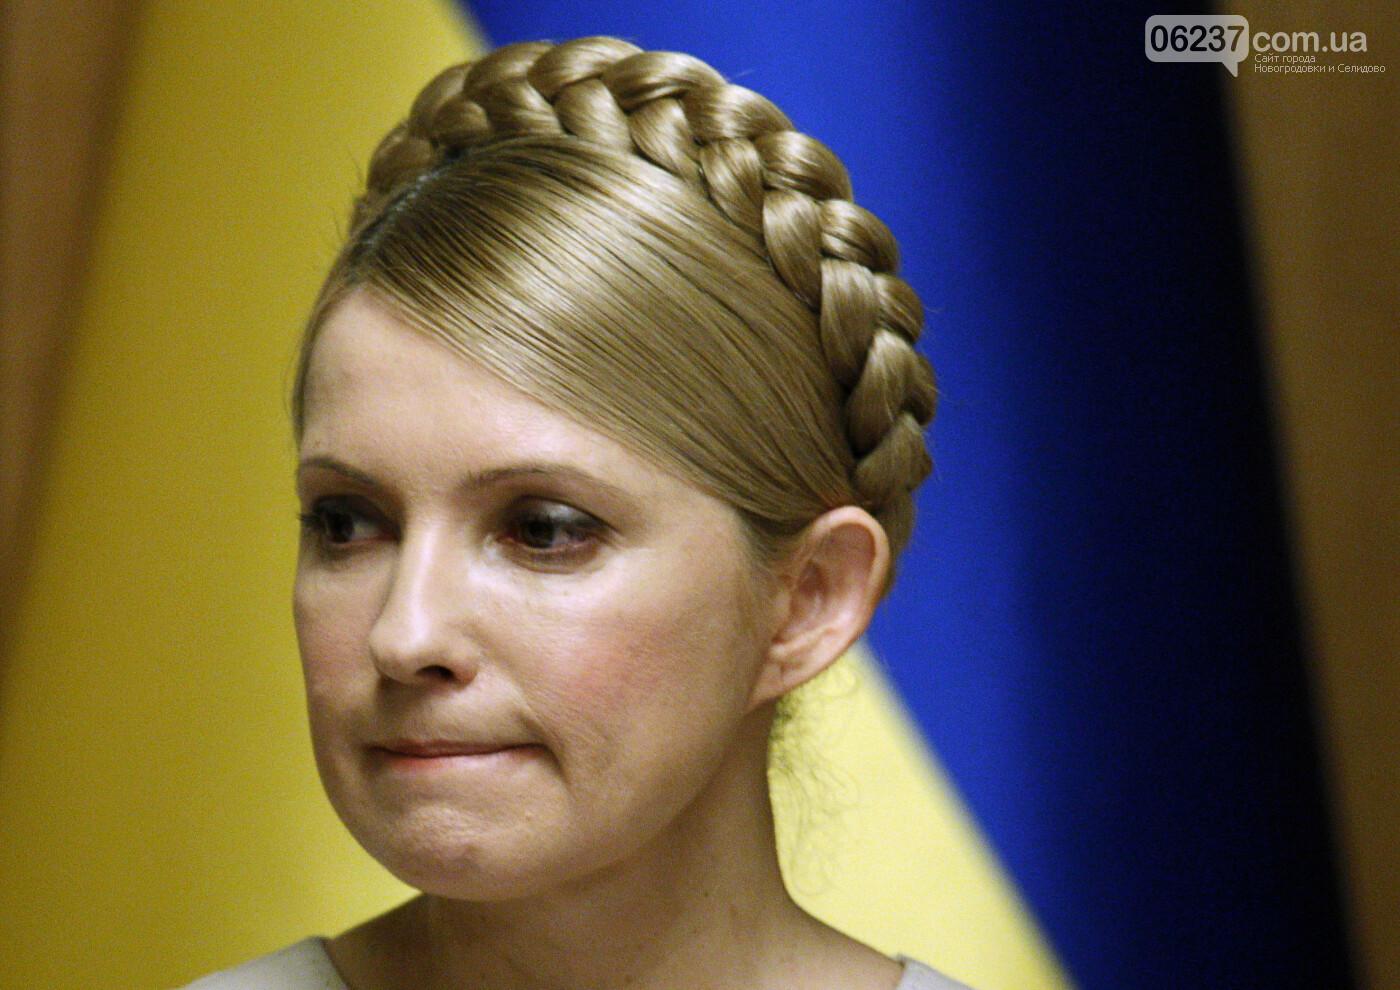 Тимошенко призвала политиков объединиться во время пандемии, фото-1